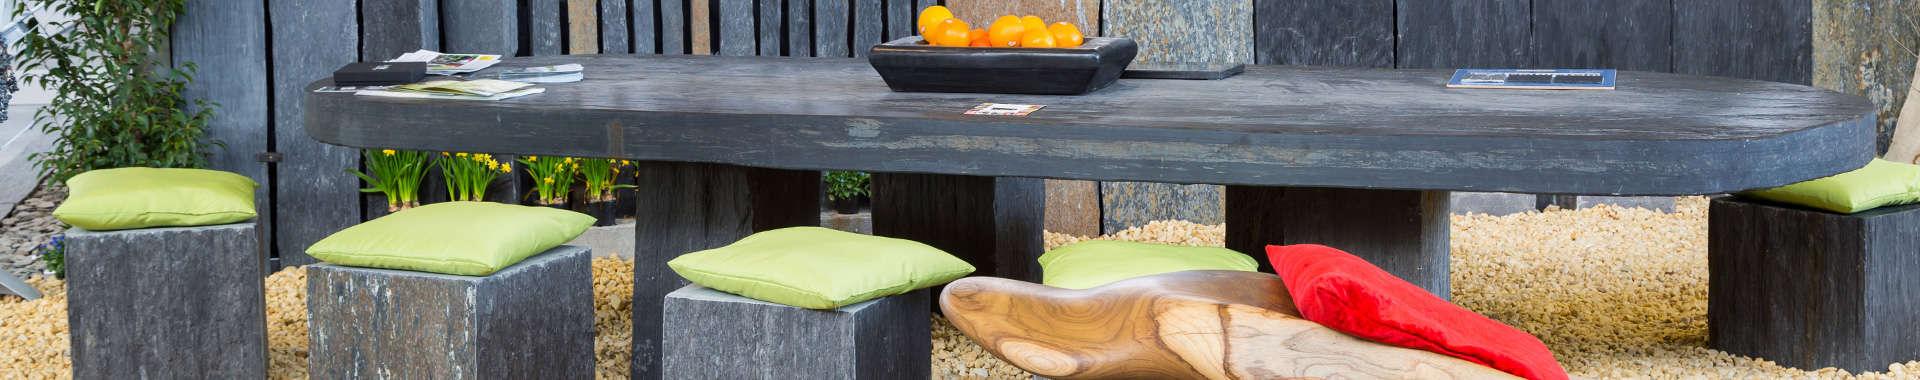 Eine Sitzgruppe mit Bänken und Stühlen aus Natursteinen